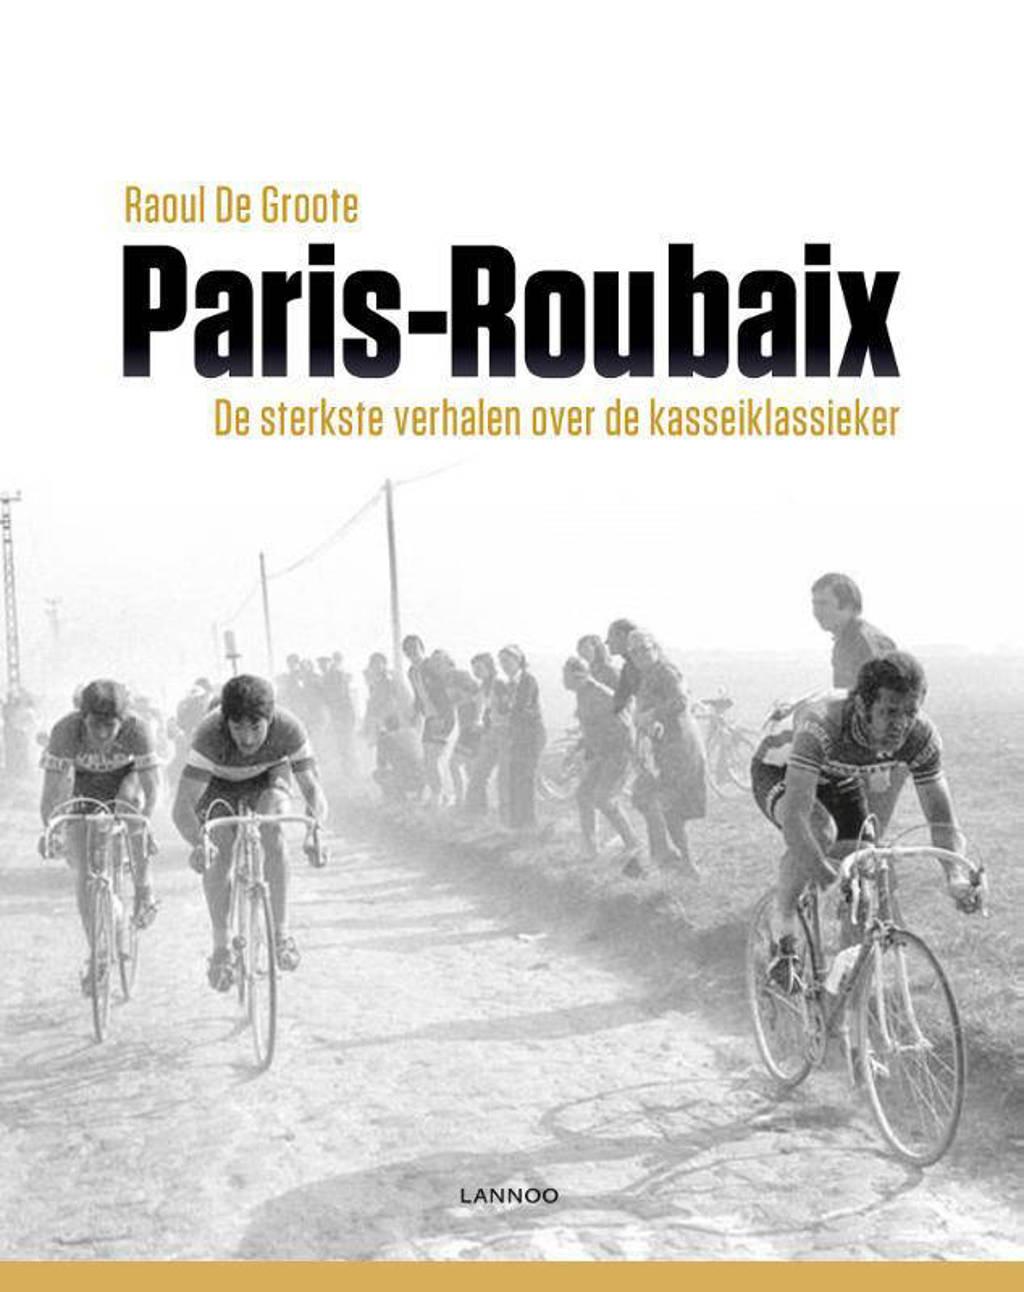 Paris-Roubaix - Raoul De Groote